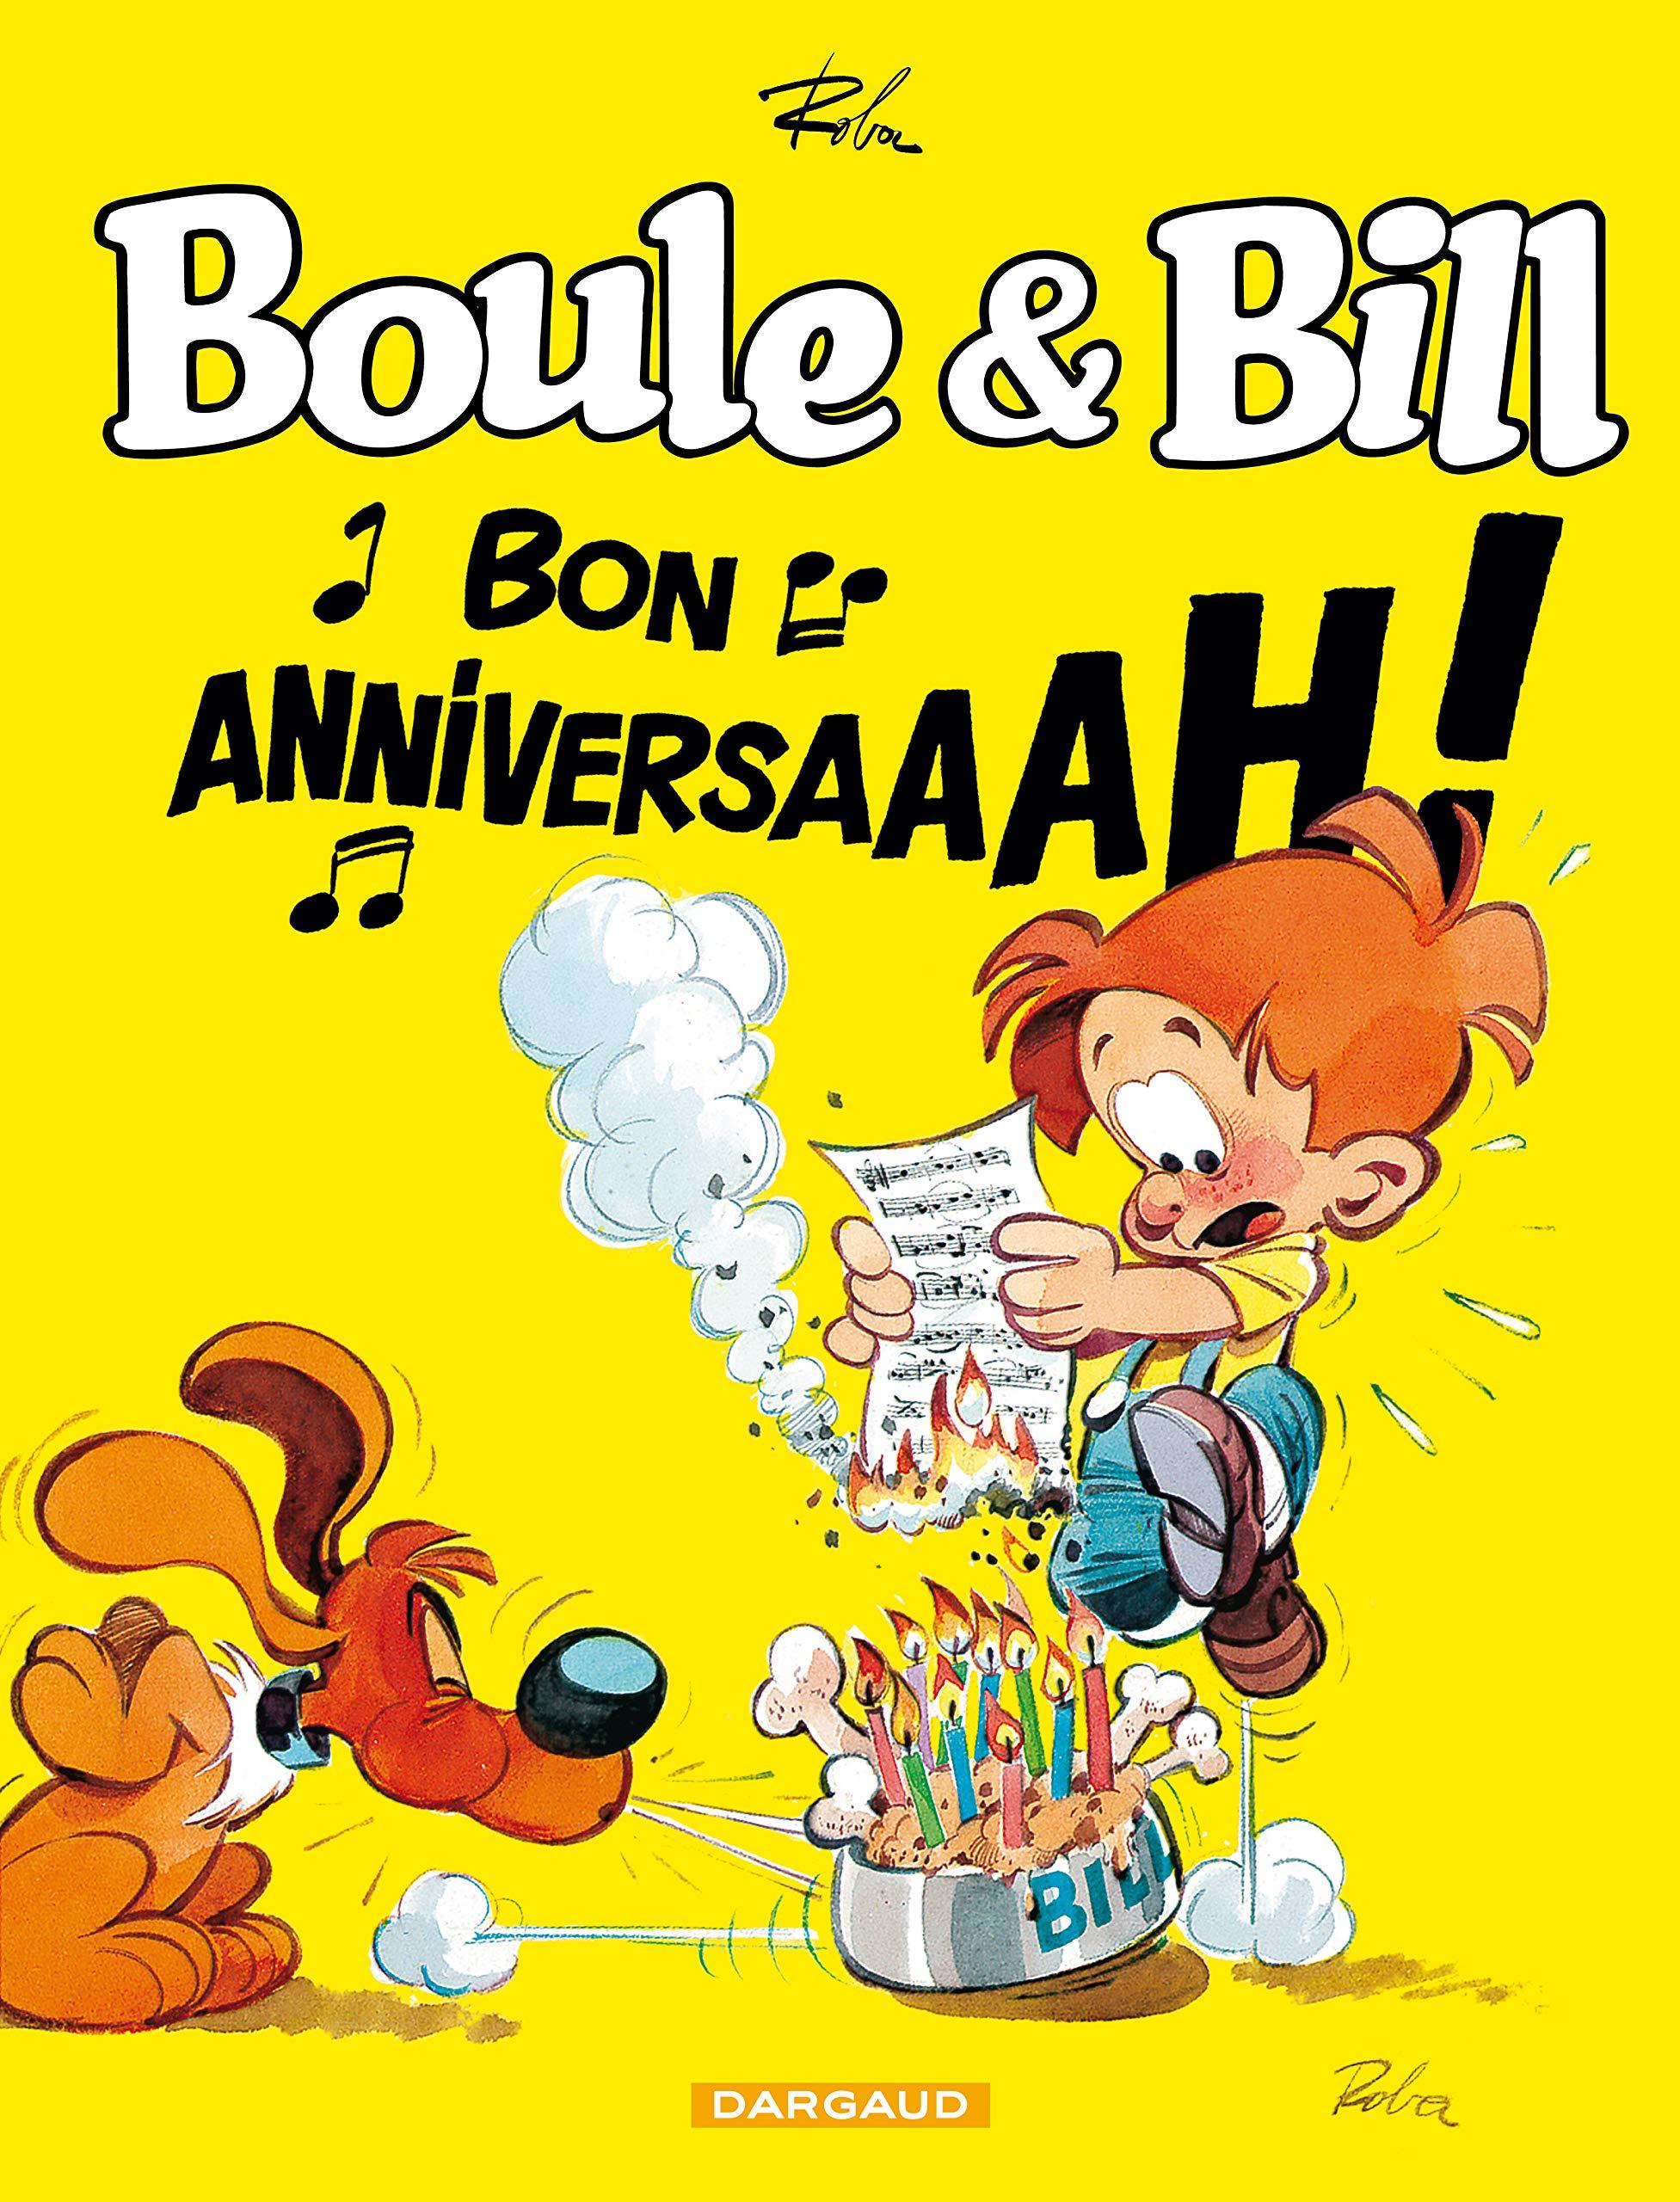 Boule et Bill 1 - Bon anniversaaah !